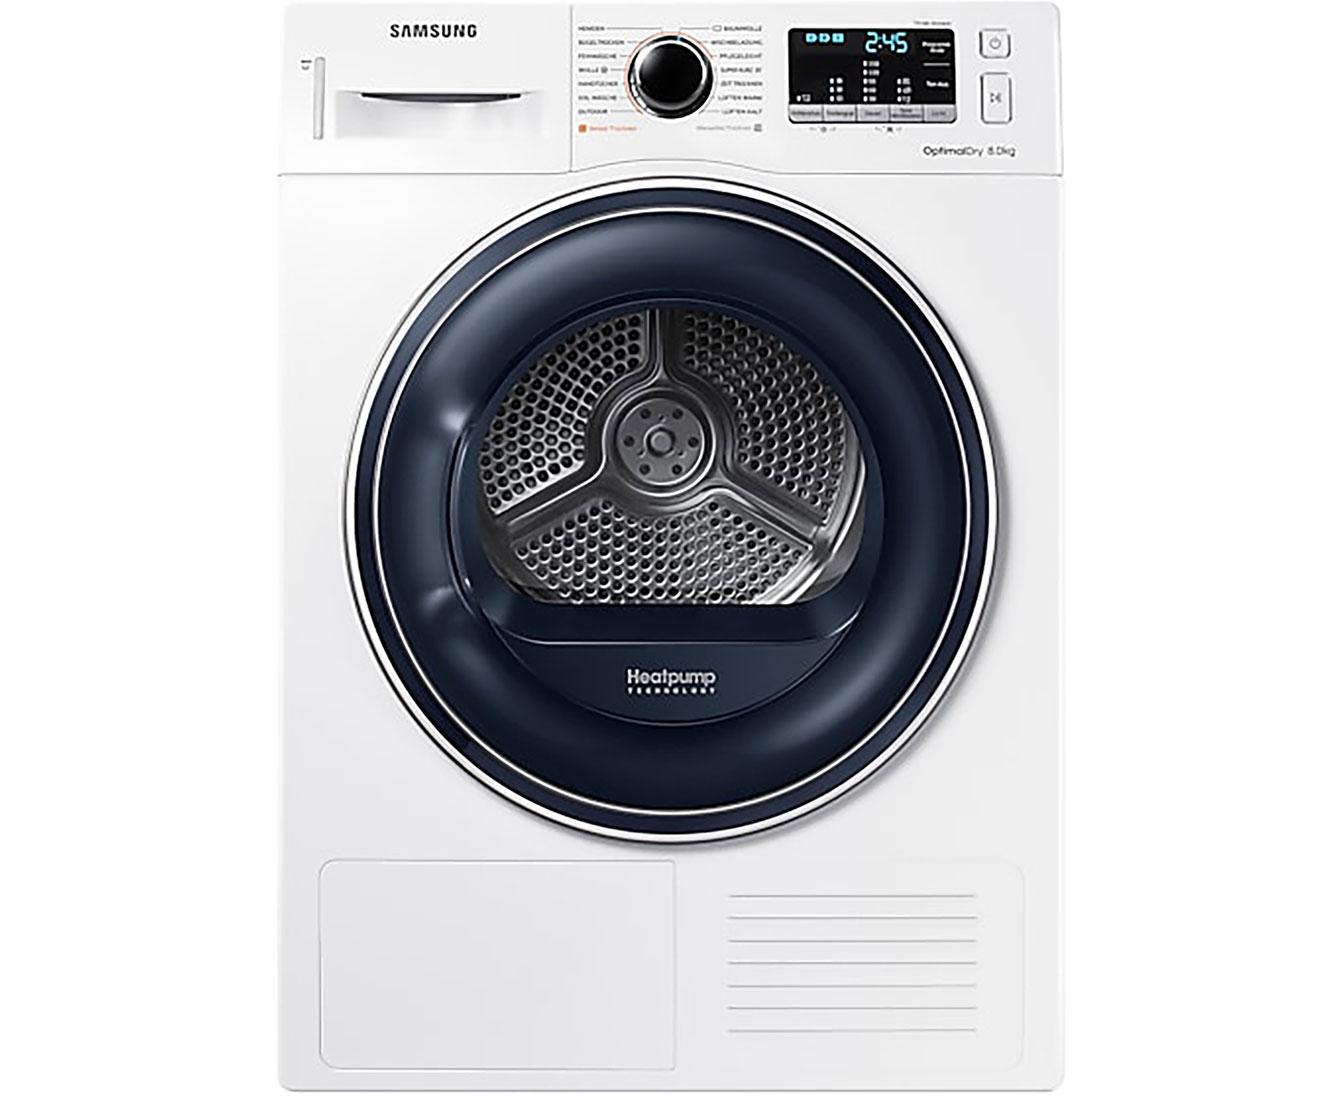 Samsung DV81M50103W/EG Wärmepumpentrockner - Weiß | Bad > Waschmaschinen und Trockner > Wärmepumpentrockner | Weiß | Samsung